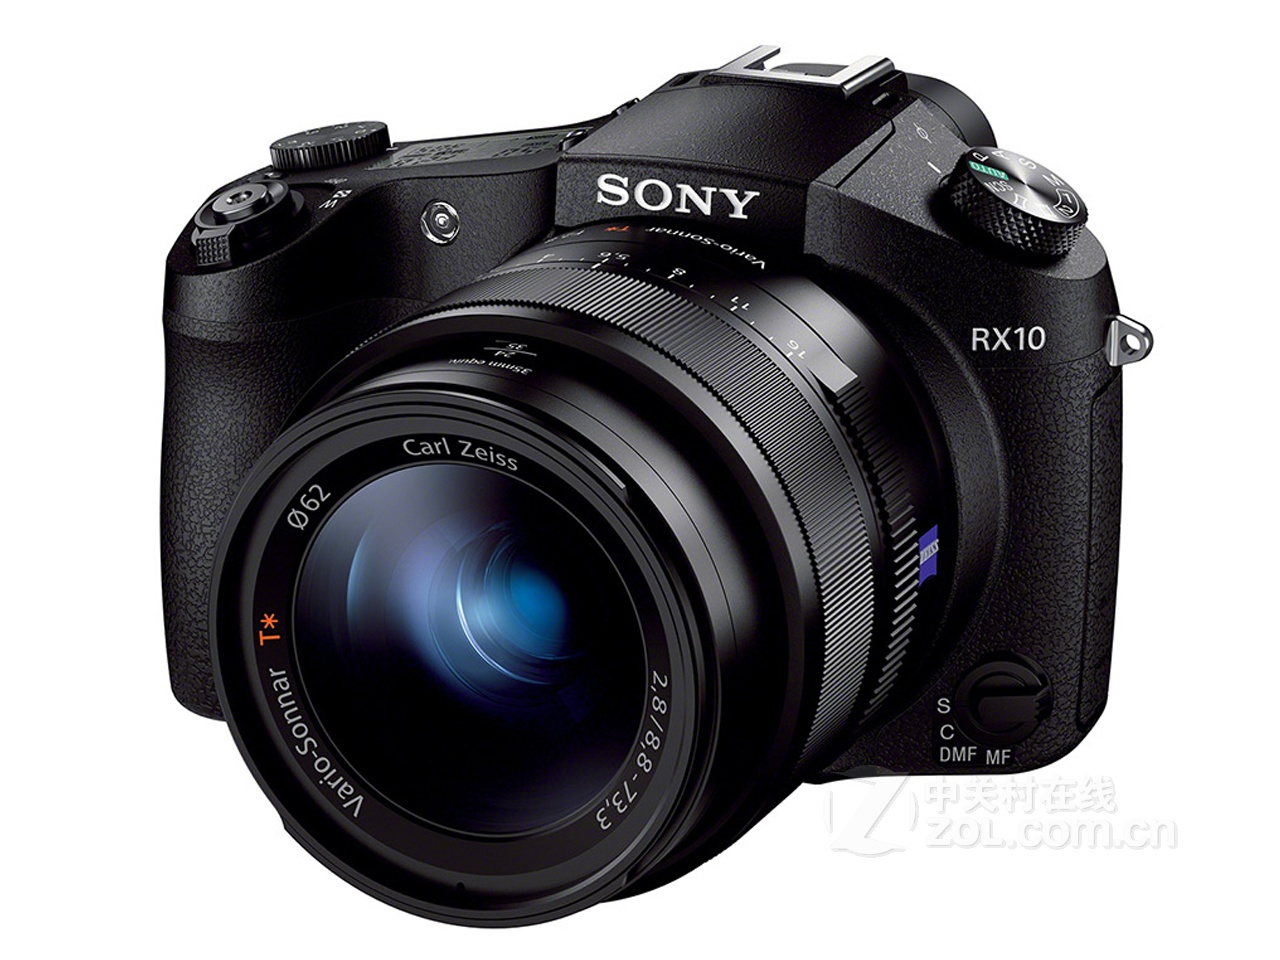 沈阳索尼rx10相机仅售4750元